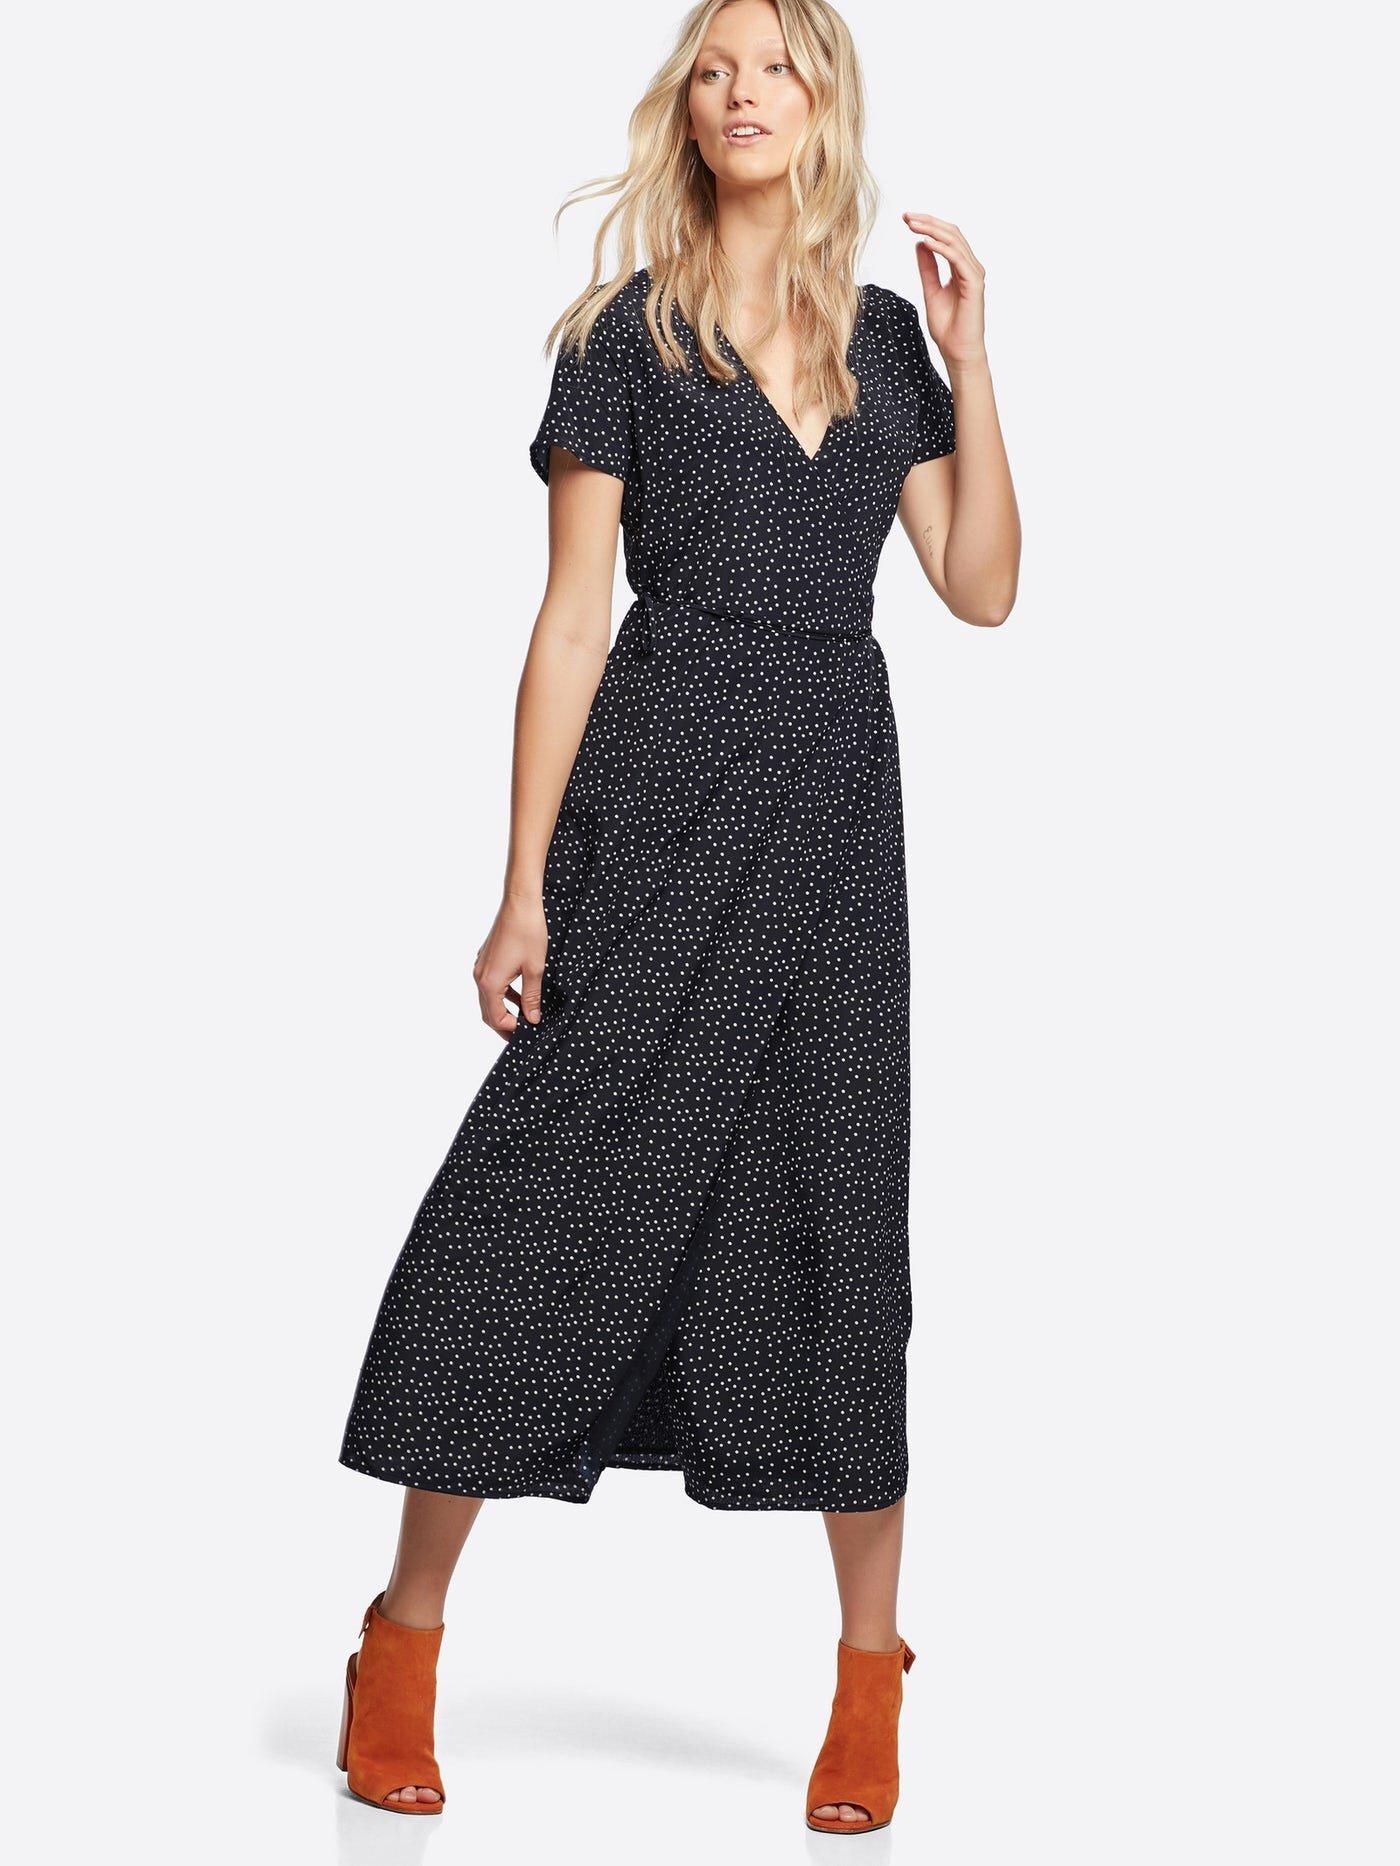 Willow omlottklänning | 7217183 | Svart | Cubus | Sverige